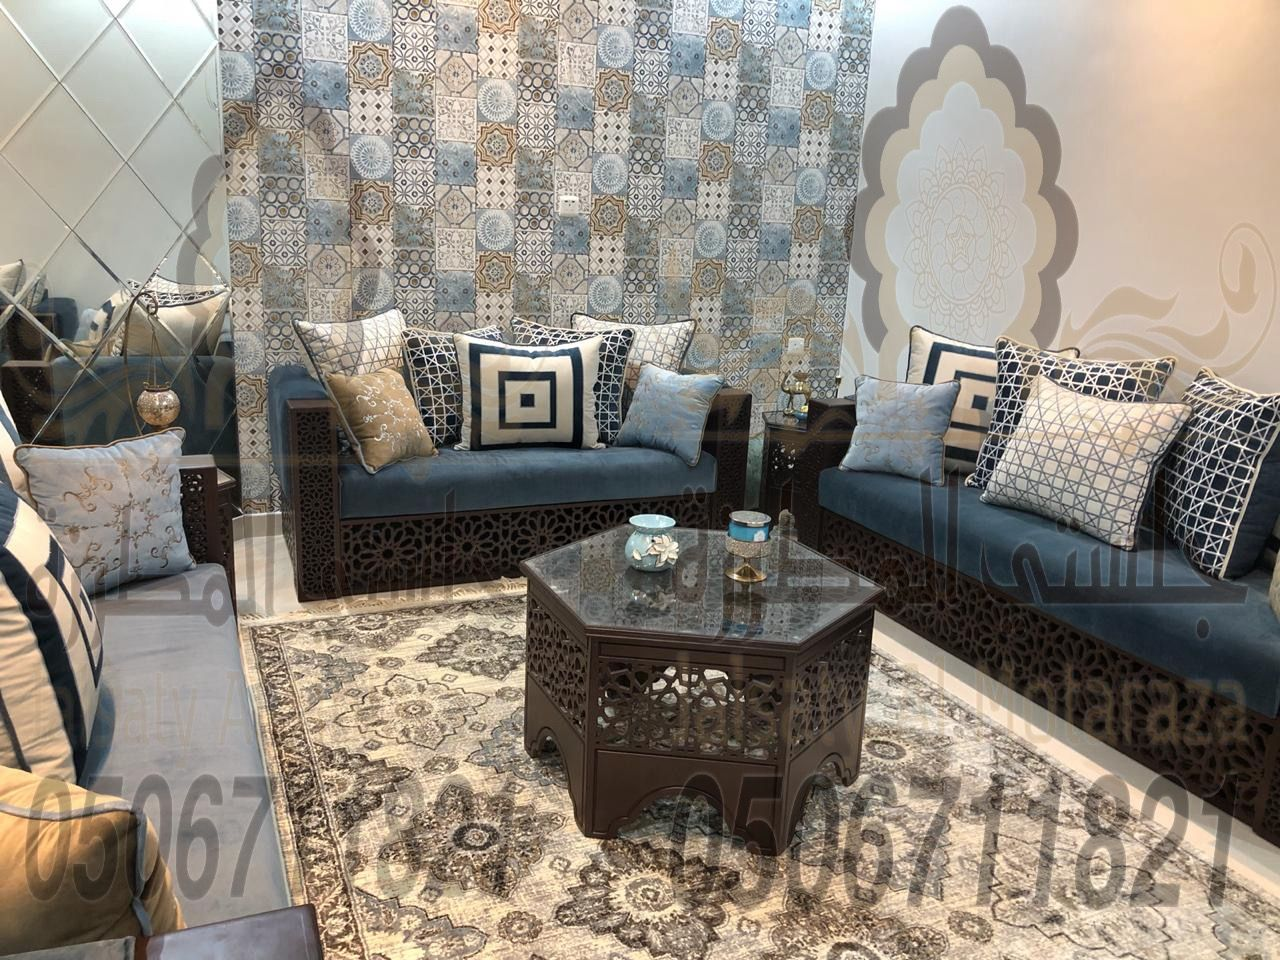 كنب مغربي روعة من تصميم وتنفيذ جلستي المطرزة جوال 0506711821 Decor Home Decor Furniture